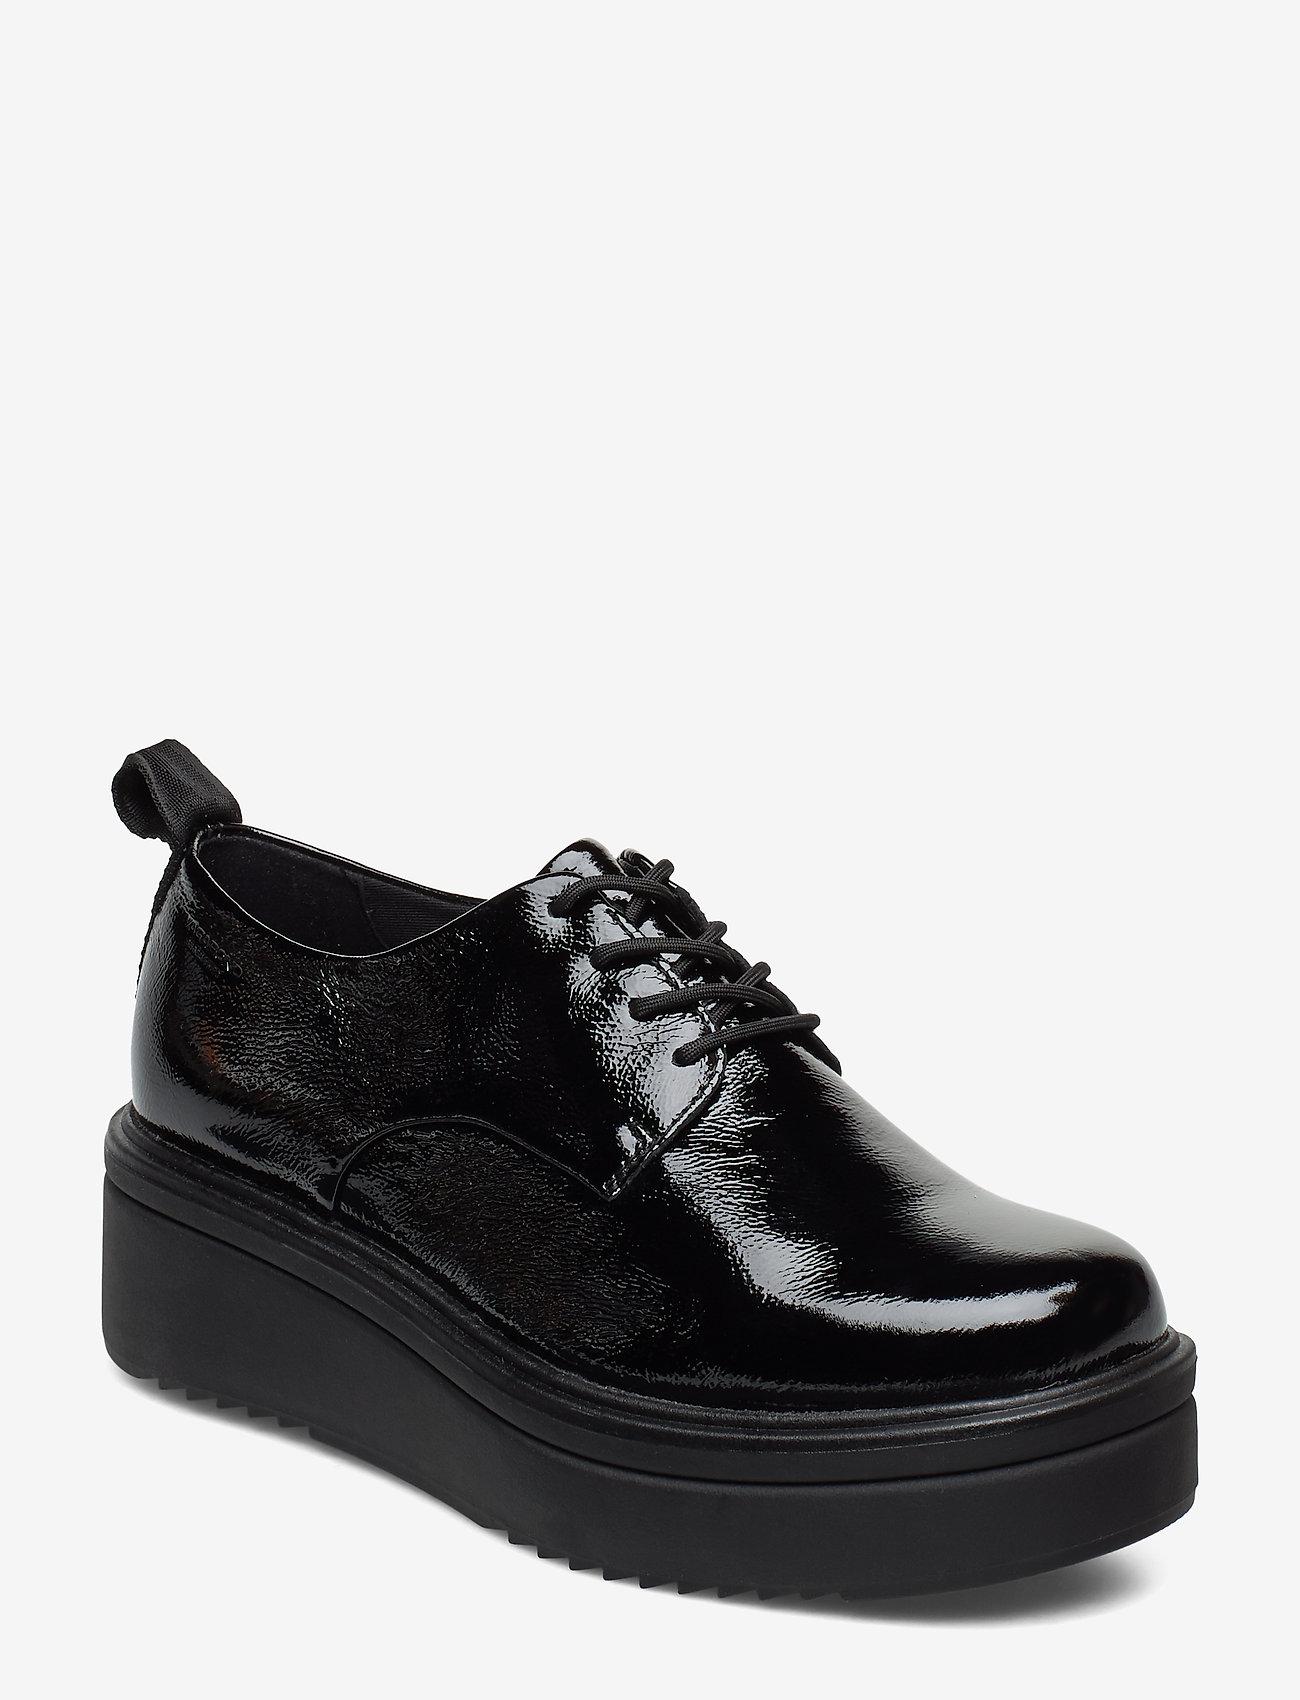 VAGABOND - TARA - buty sznurowane - black - 0